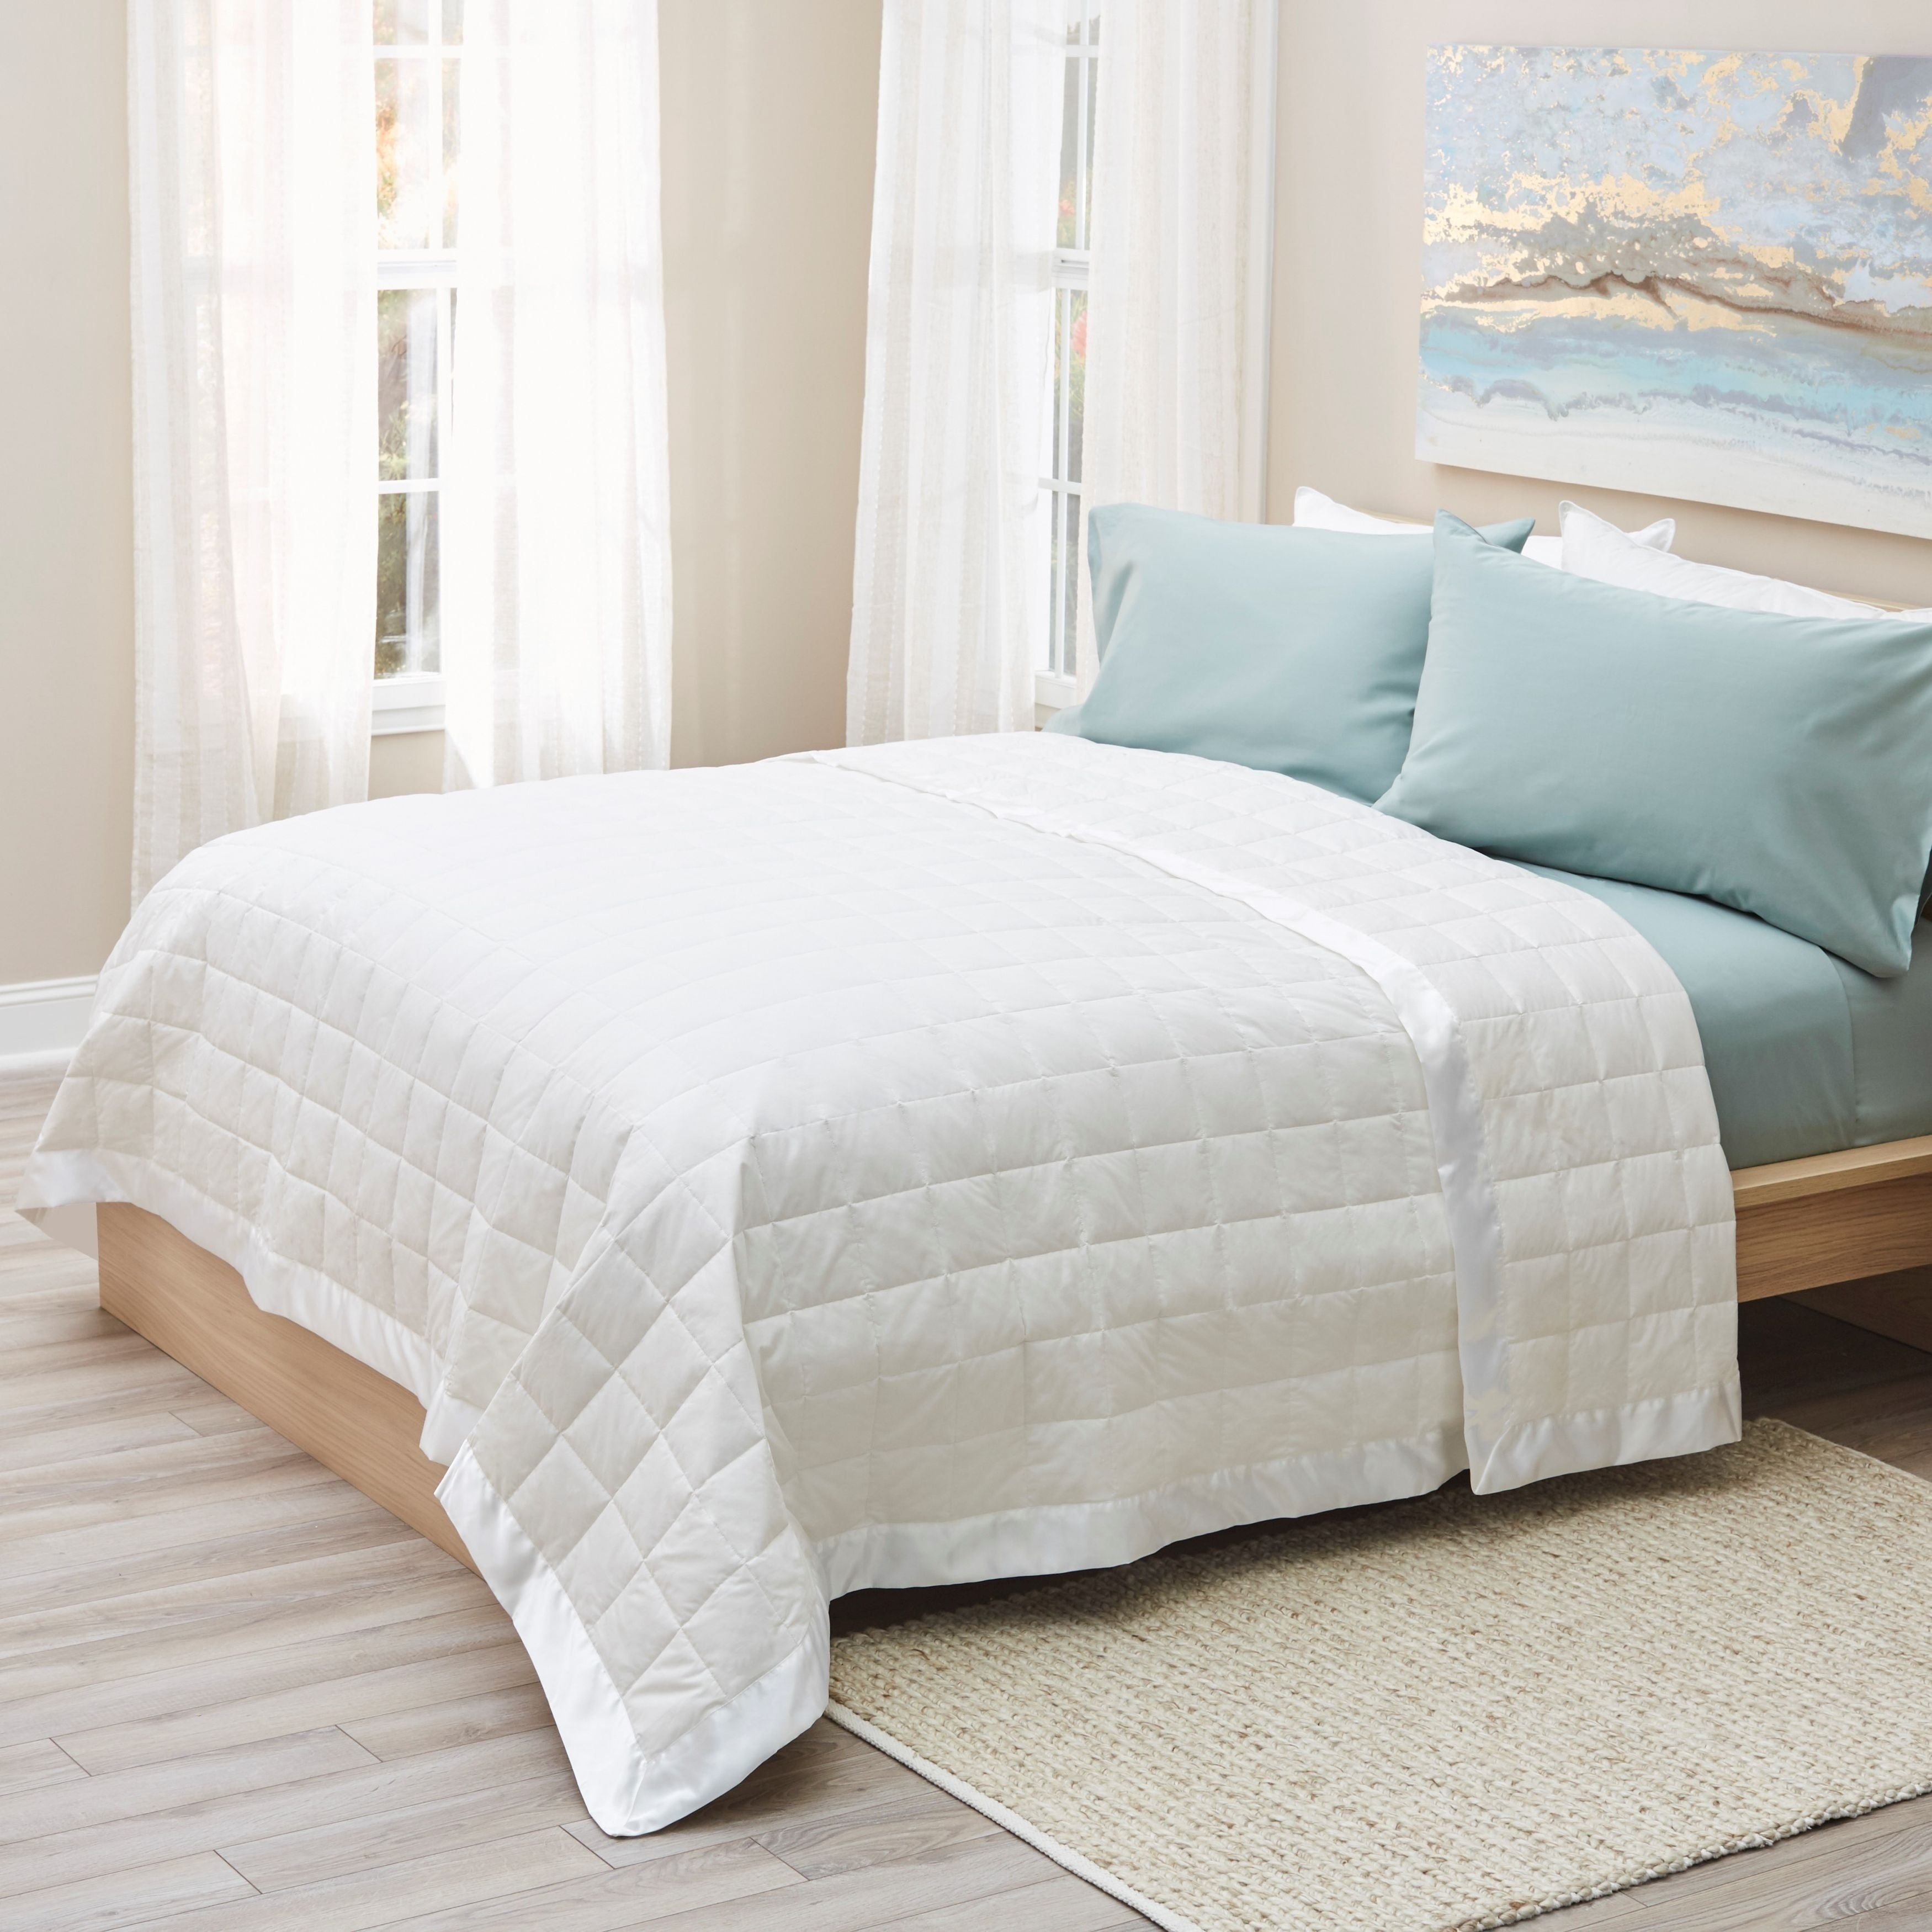 1221 Bedding Oversized Down Blanket